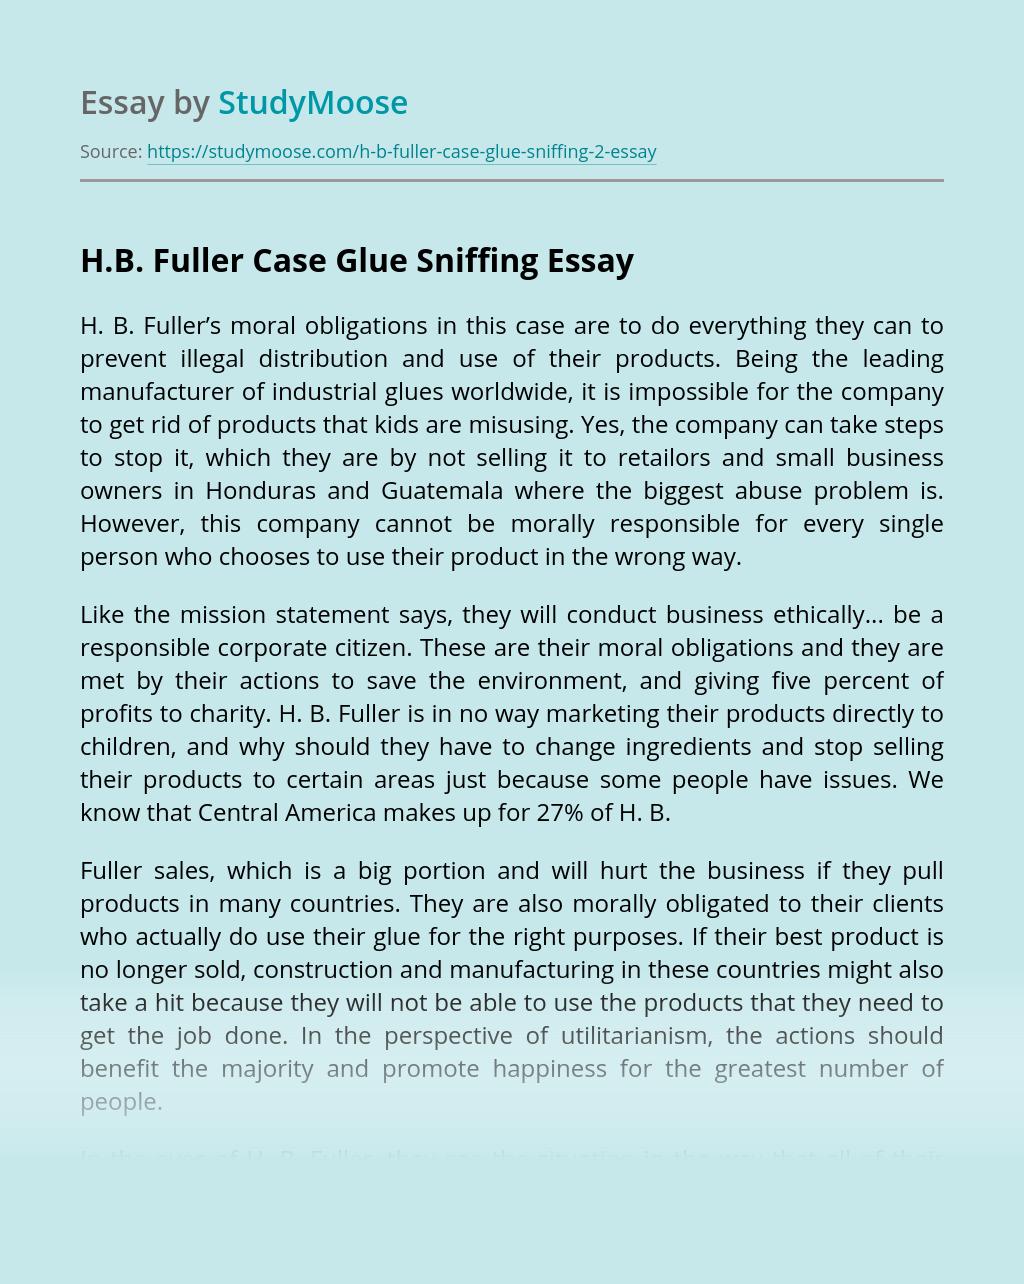 H.B. Fuller Case Glue Sniffing